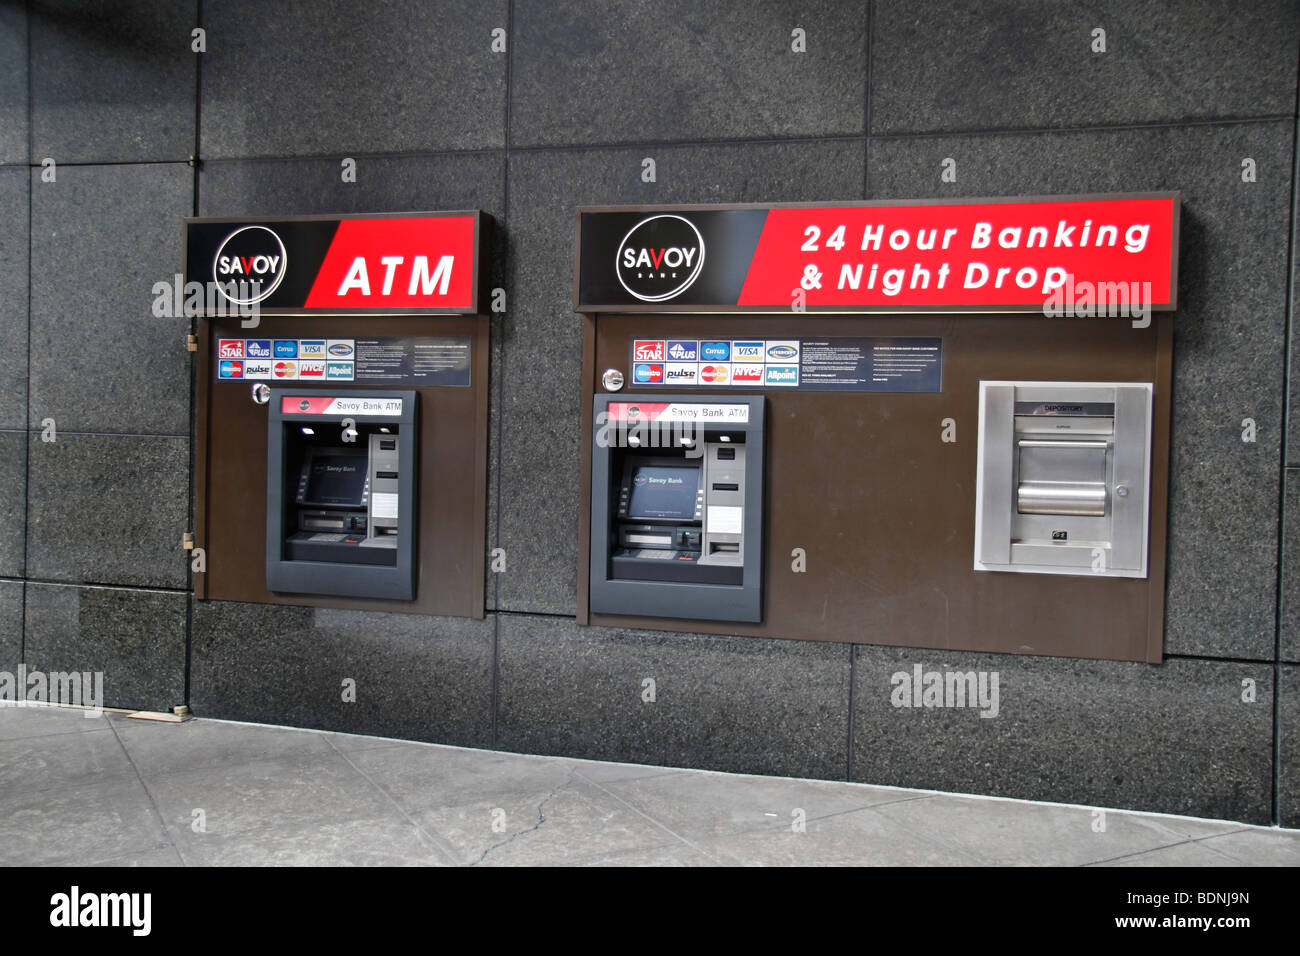 Automatische Kassentresore Bar Oder ATM Maschinen Ausserhalb Der Savoy Bank New York USA